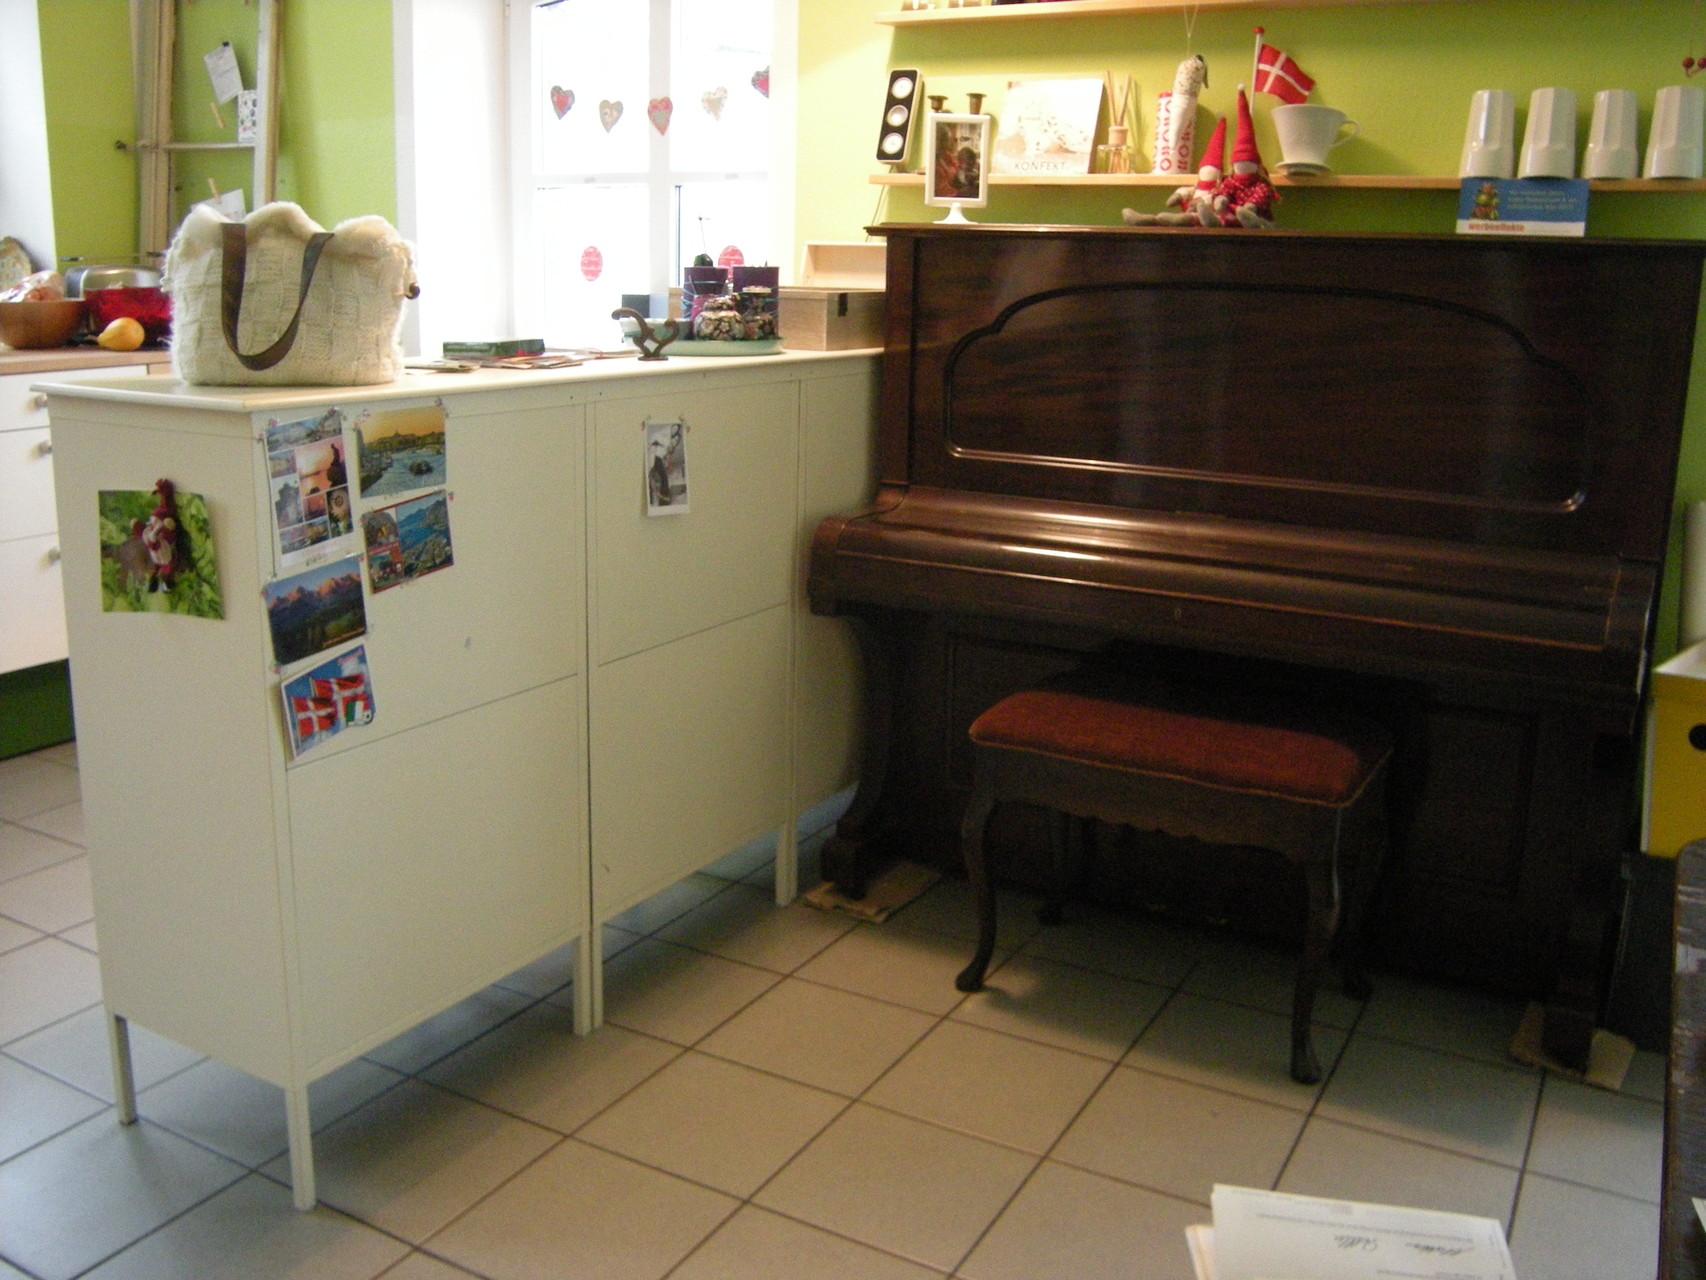 VORHER | Die Rückwand des selbstgebauten Tresens mit Ikeamöbeln sieht nicht besonders schön und einladend aus...